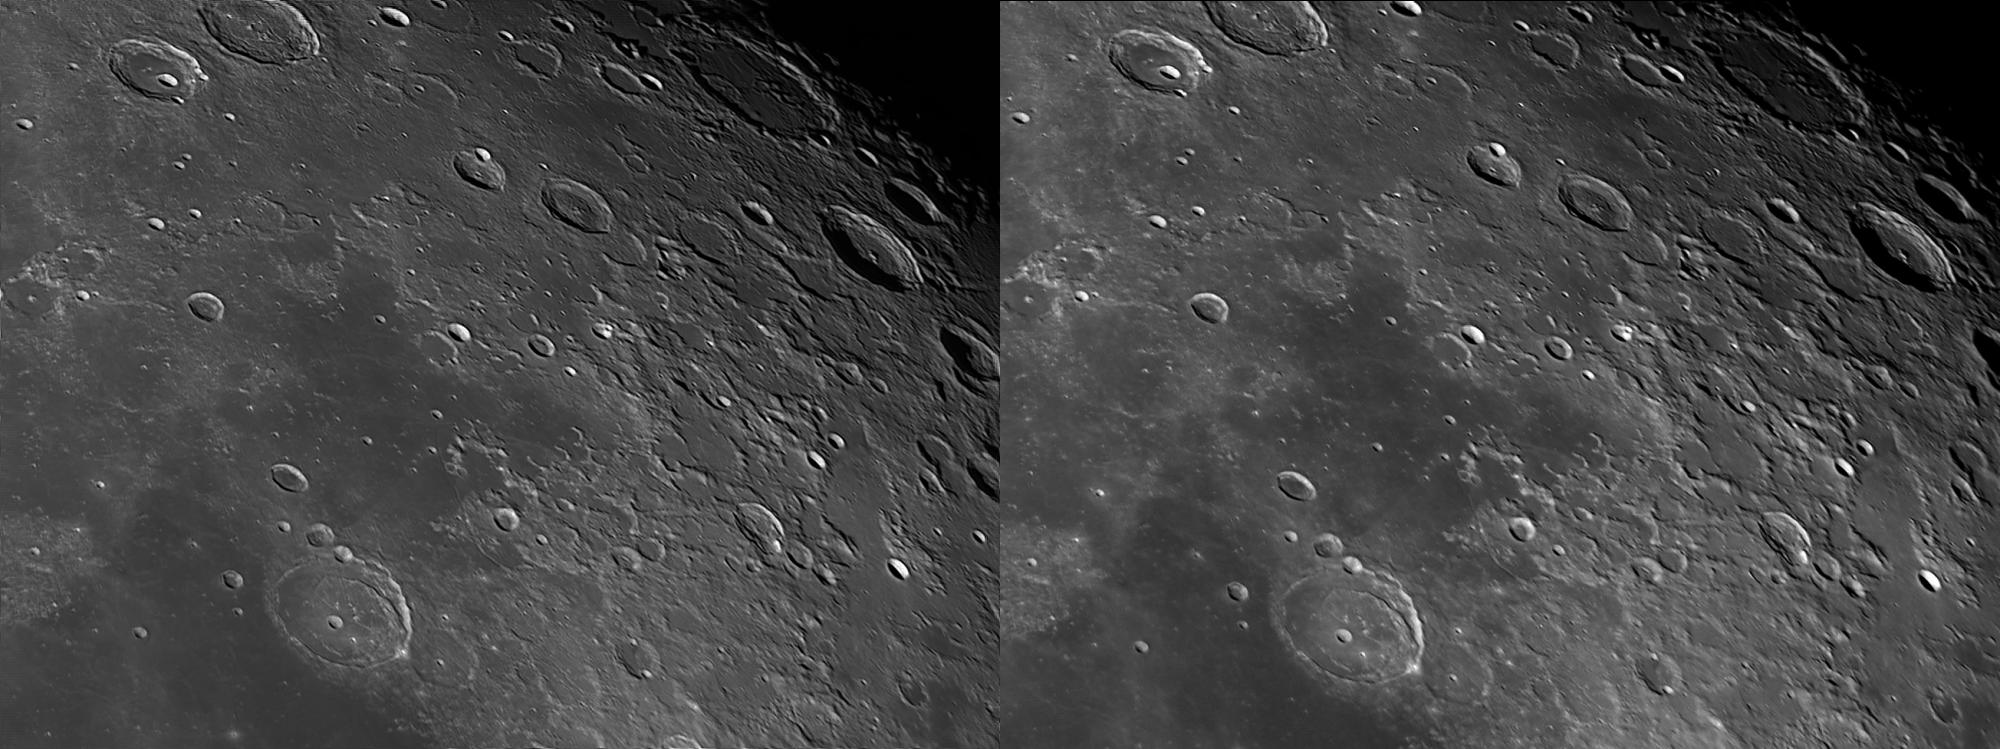 moon_ms_jld.thumb.png.fa898deb2f93cb95e8d65375848203b5.png